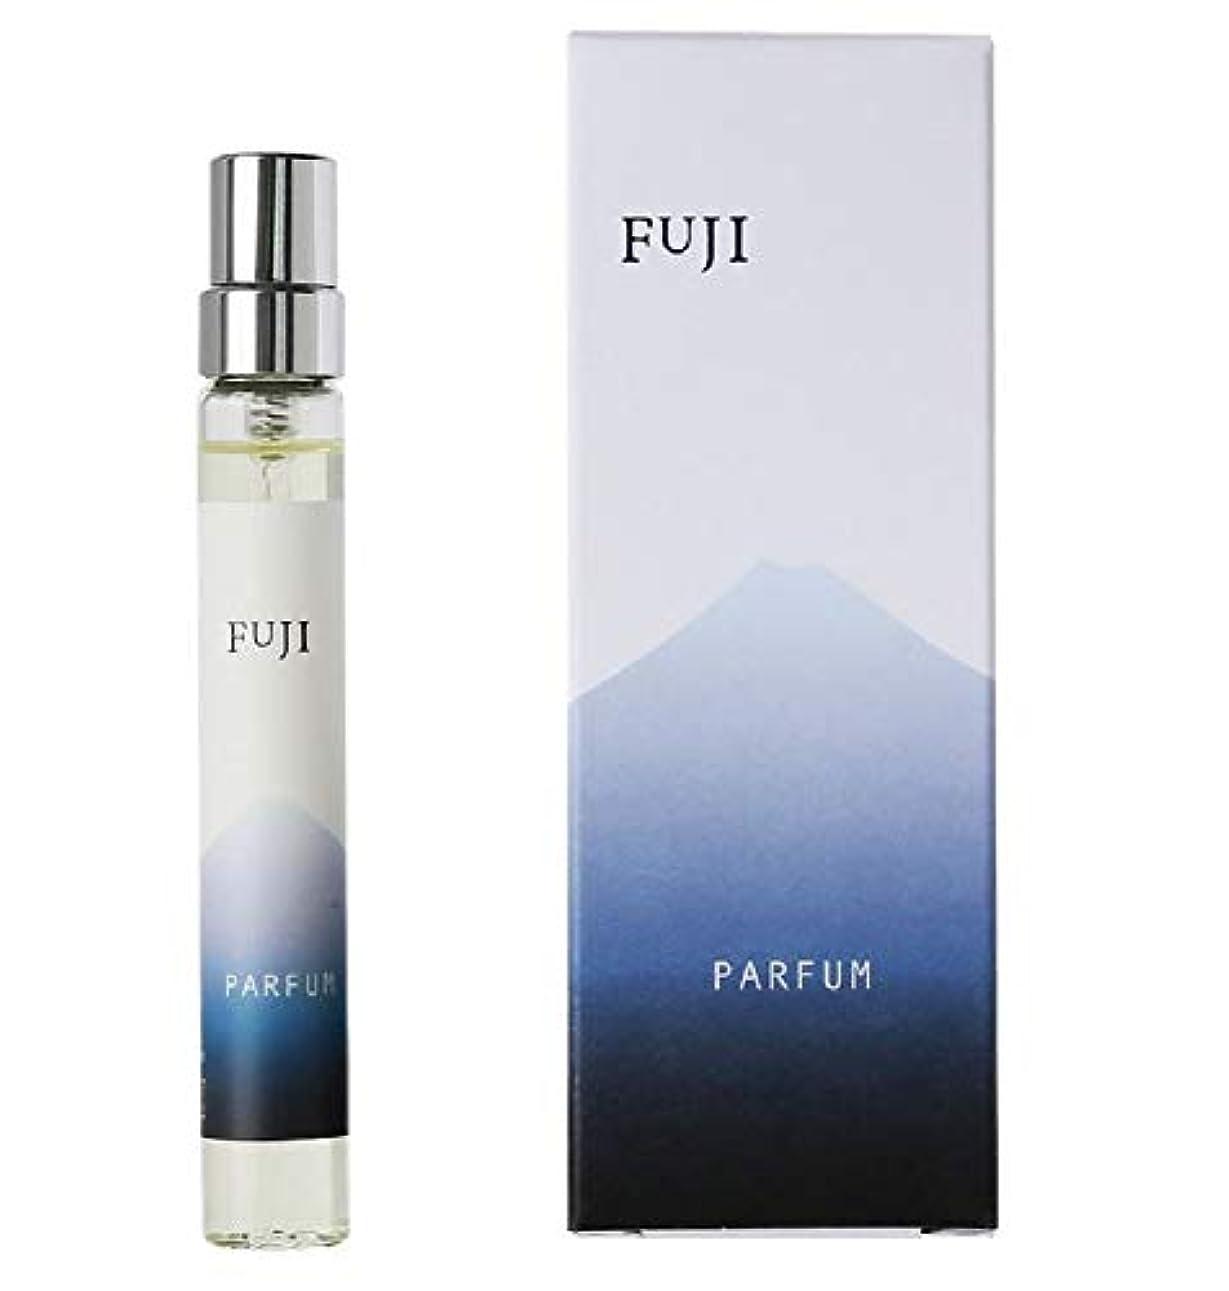 迷信運ぶ犠牲パルファム フジ fuji 香水「PARFUM FUJI(パルファム?フジ)」